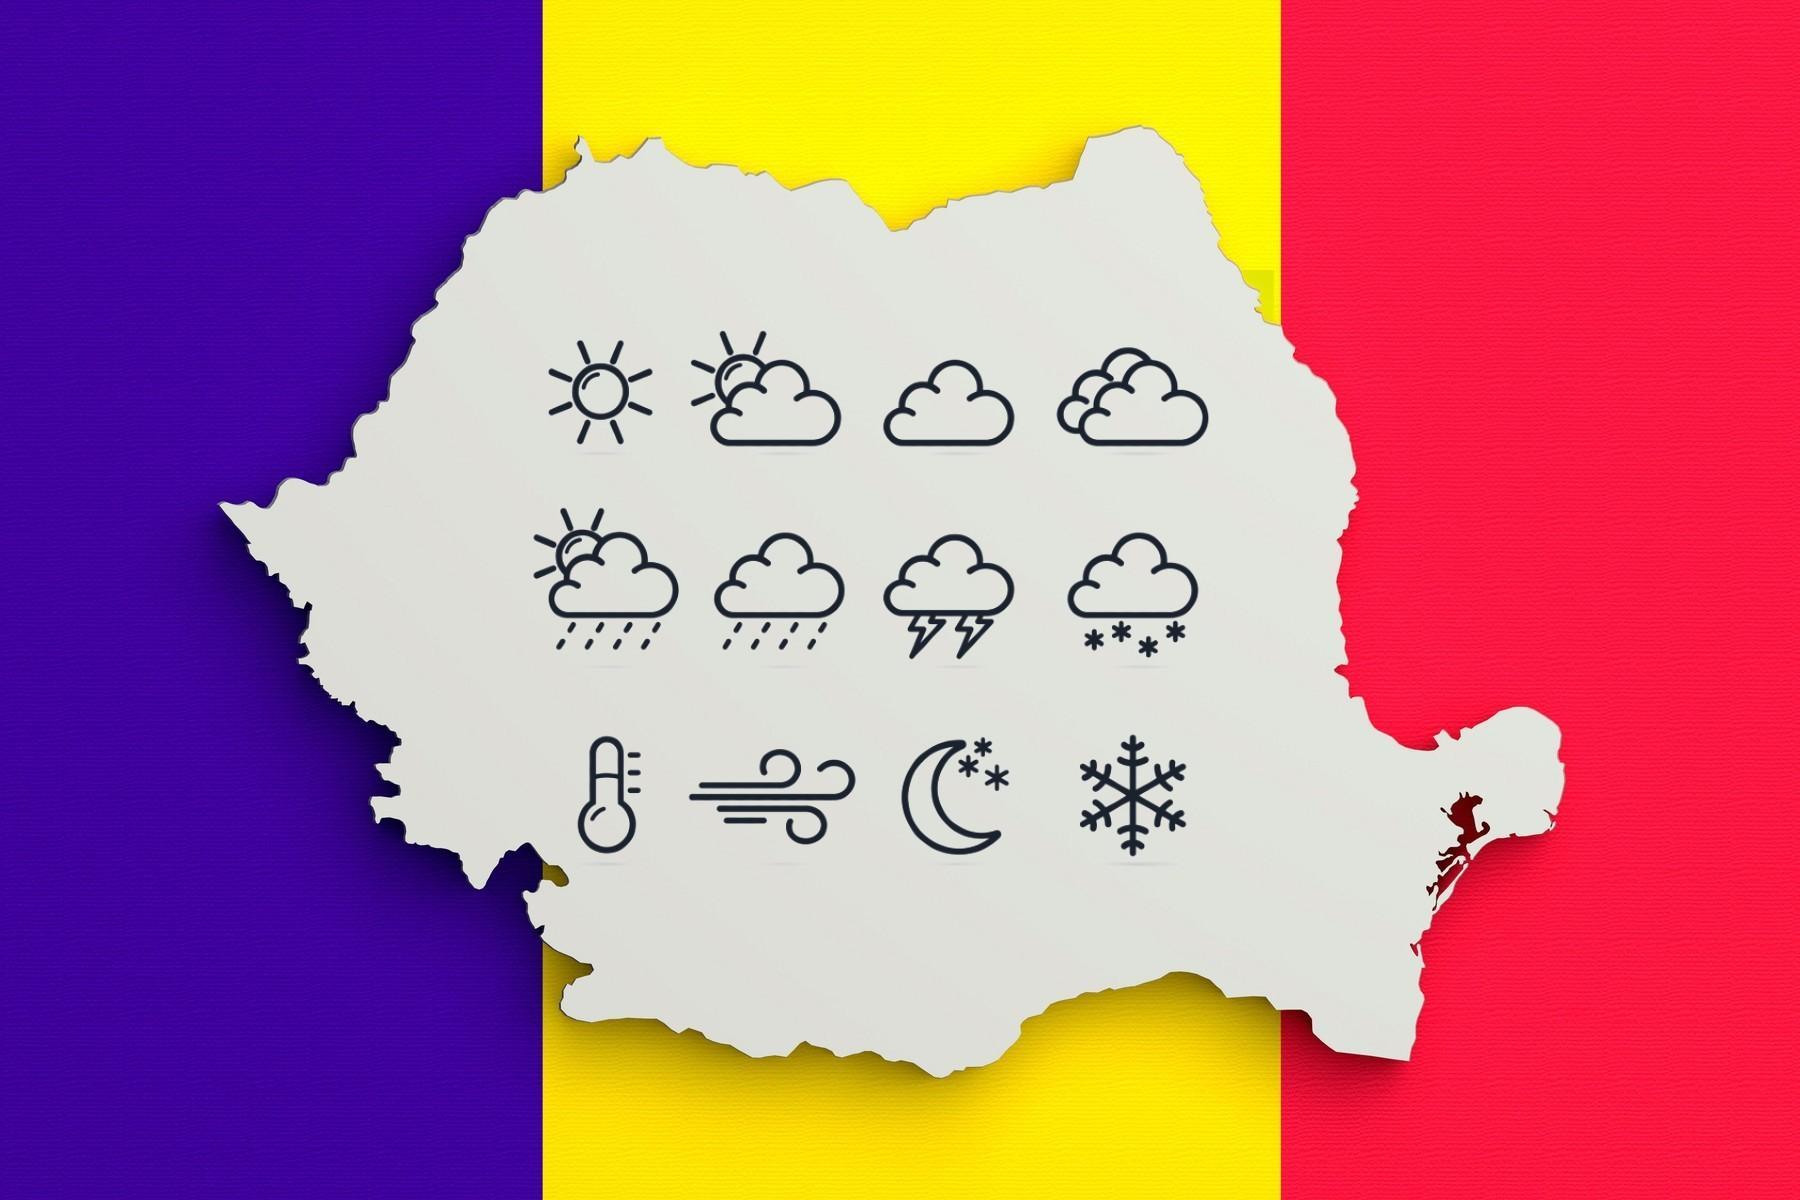 Prognoza meteo 2 februarie 2021. Cum e vremea în România și care sunt previziunile ANM pentru astăzi